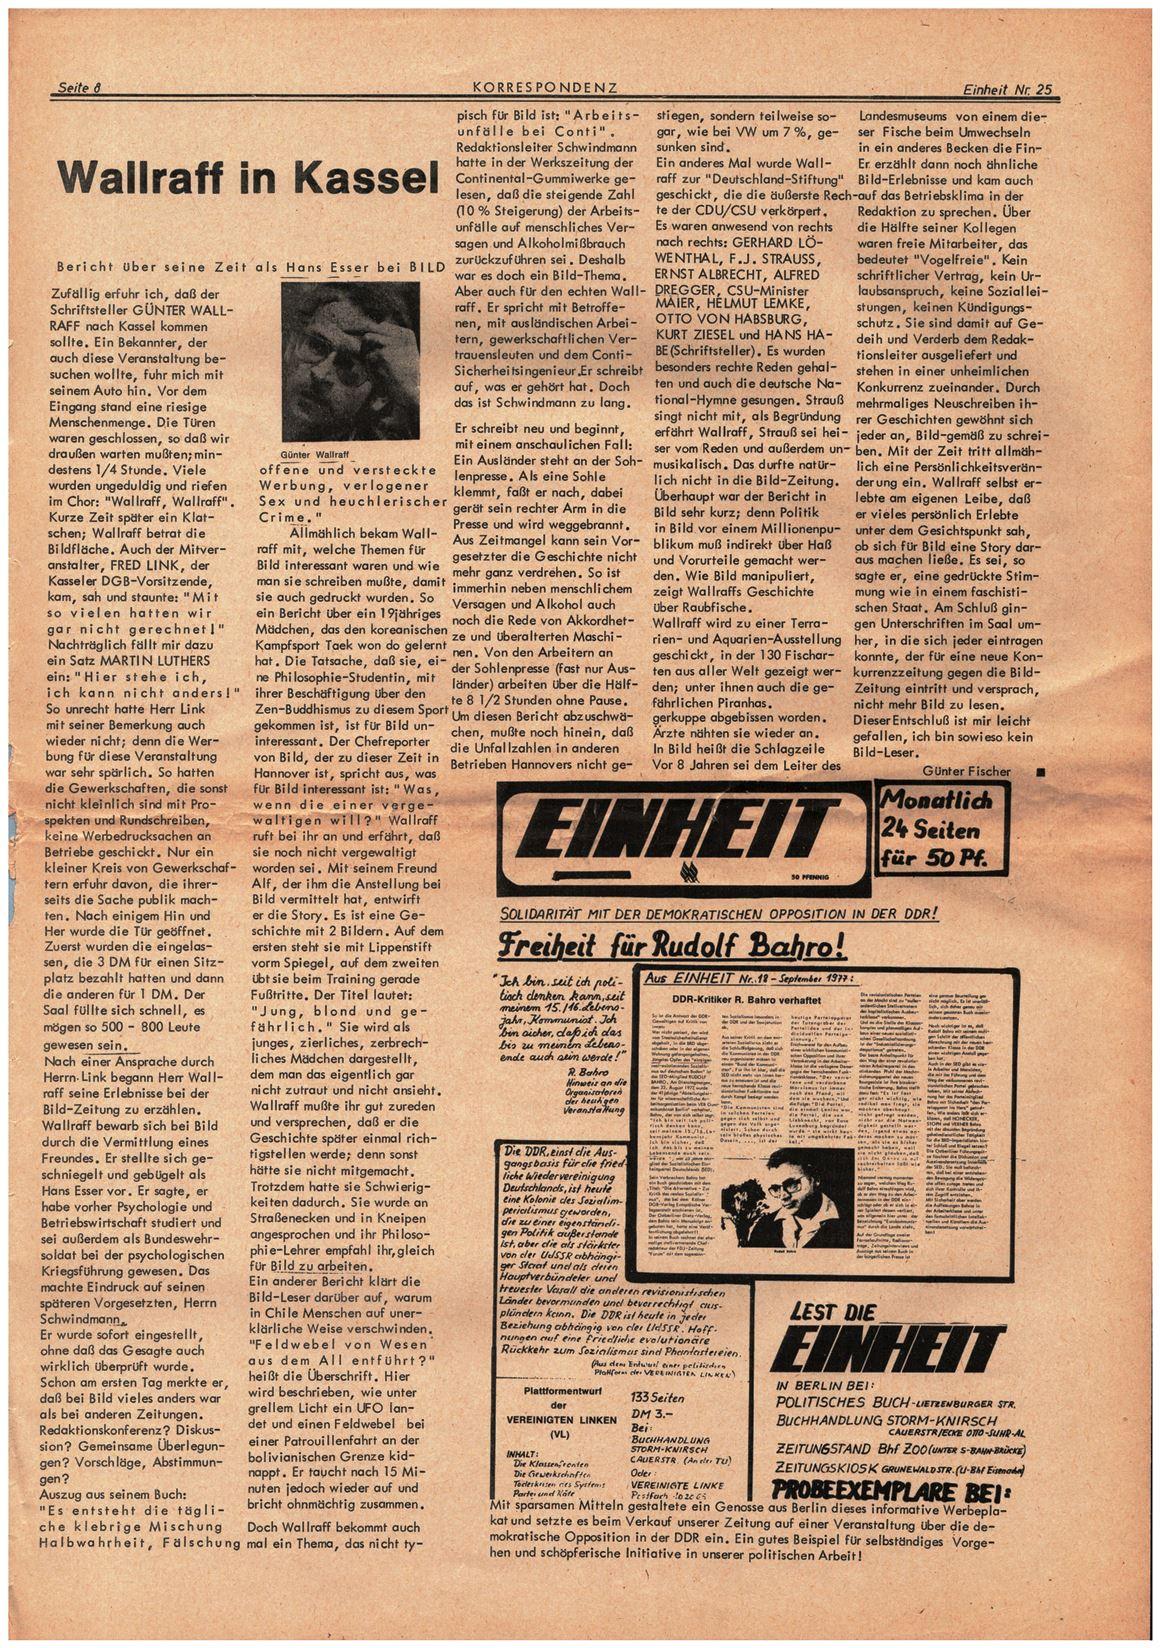 Koeln_IPdA_Einheit_1978_025_008